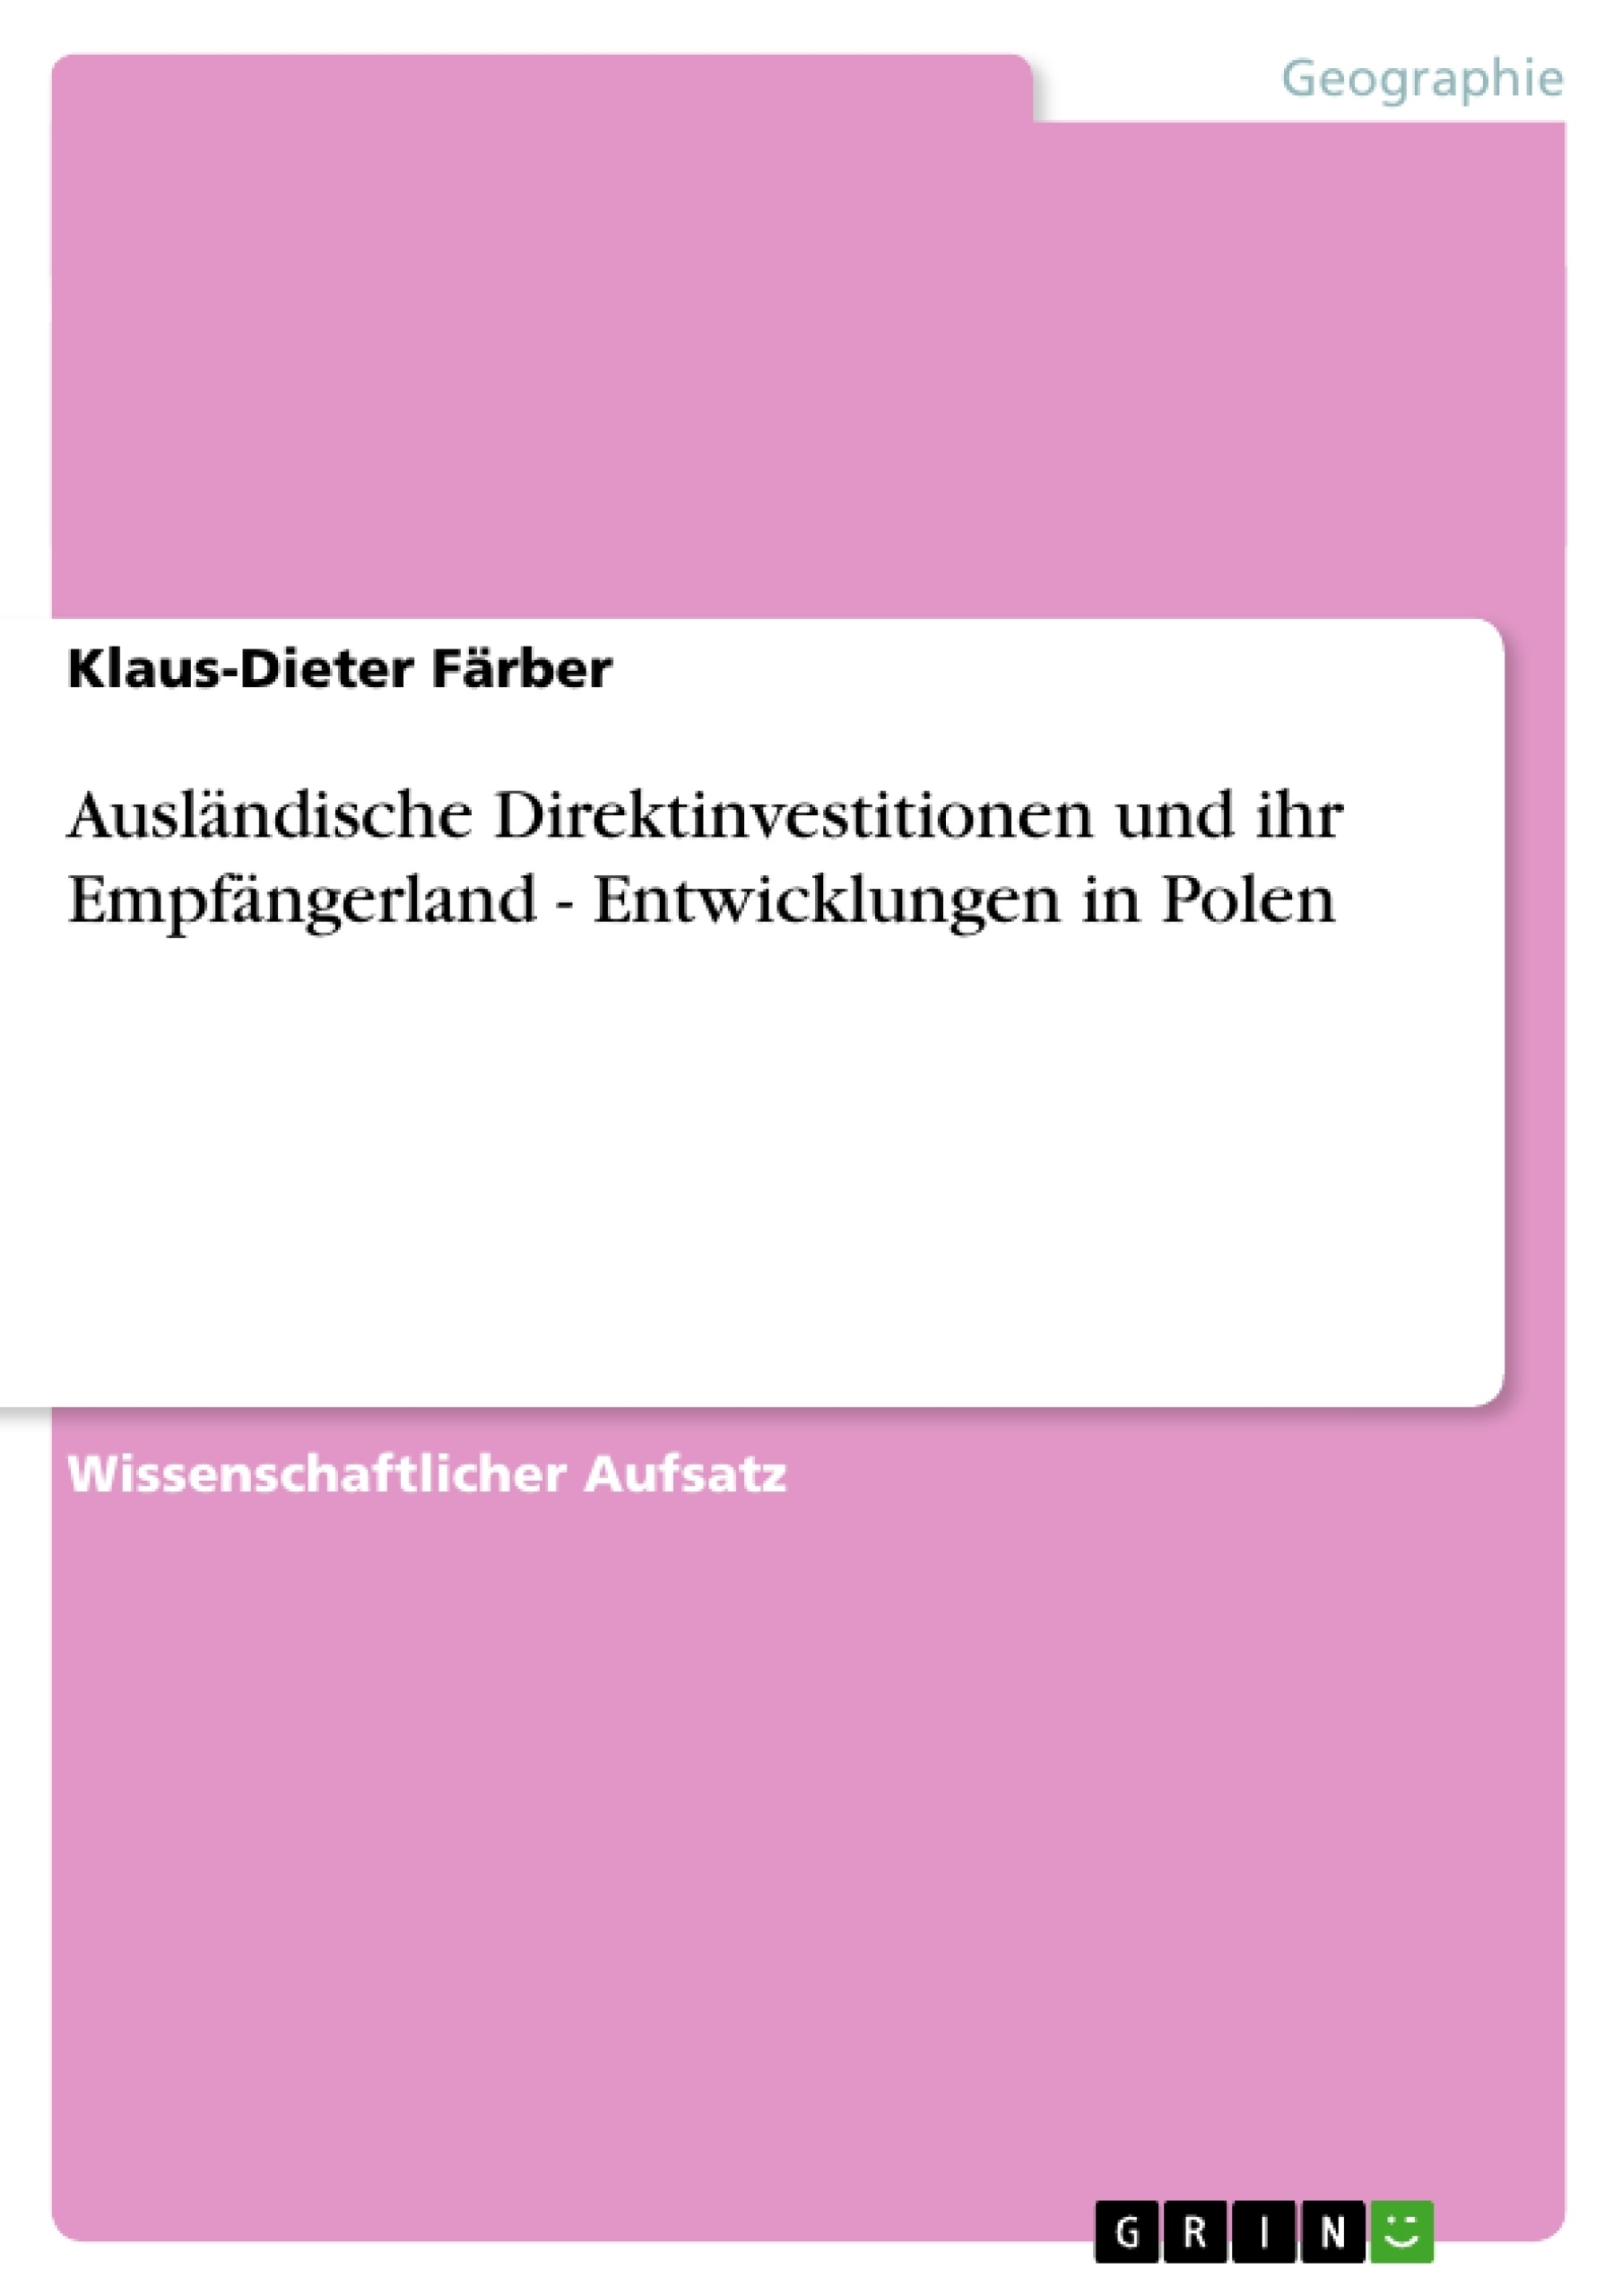 Titel: Ausländische Direktinvestitionen und ihr Empfängerland - Entwicklungen in Polen